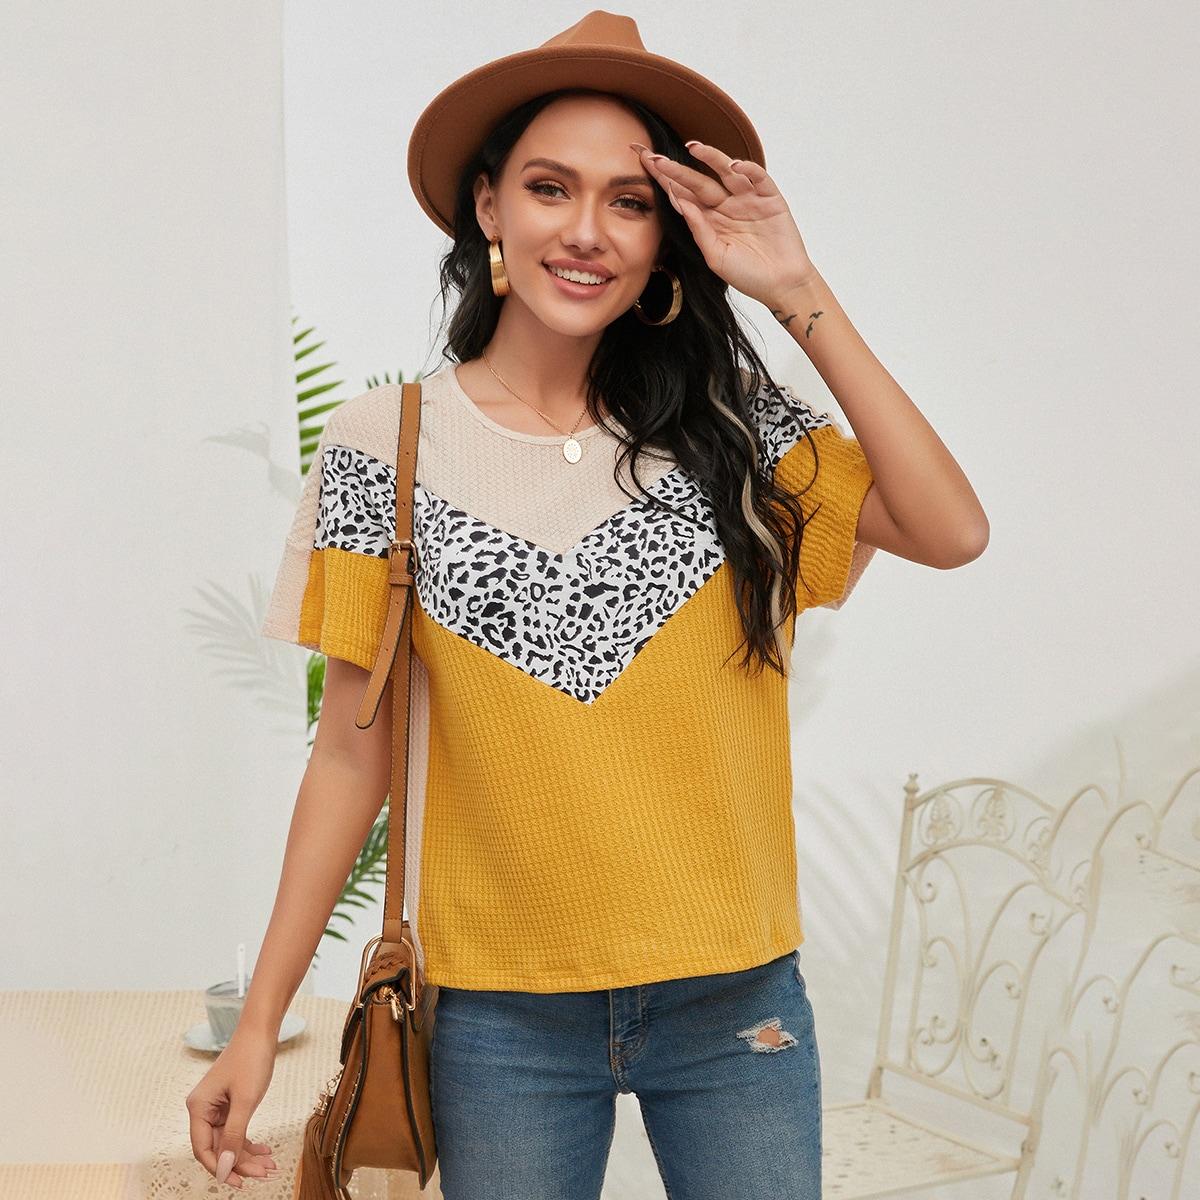 Контрастная вязаная футболка с леопардовым принтом по цене 660